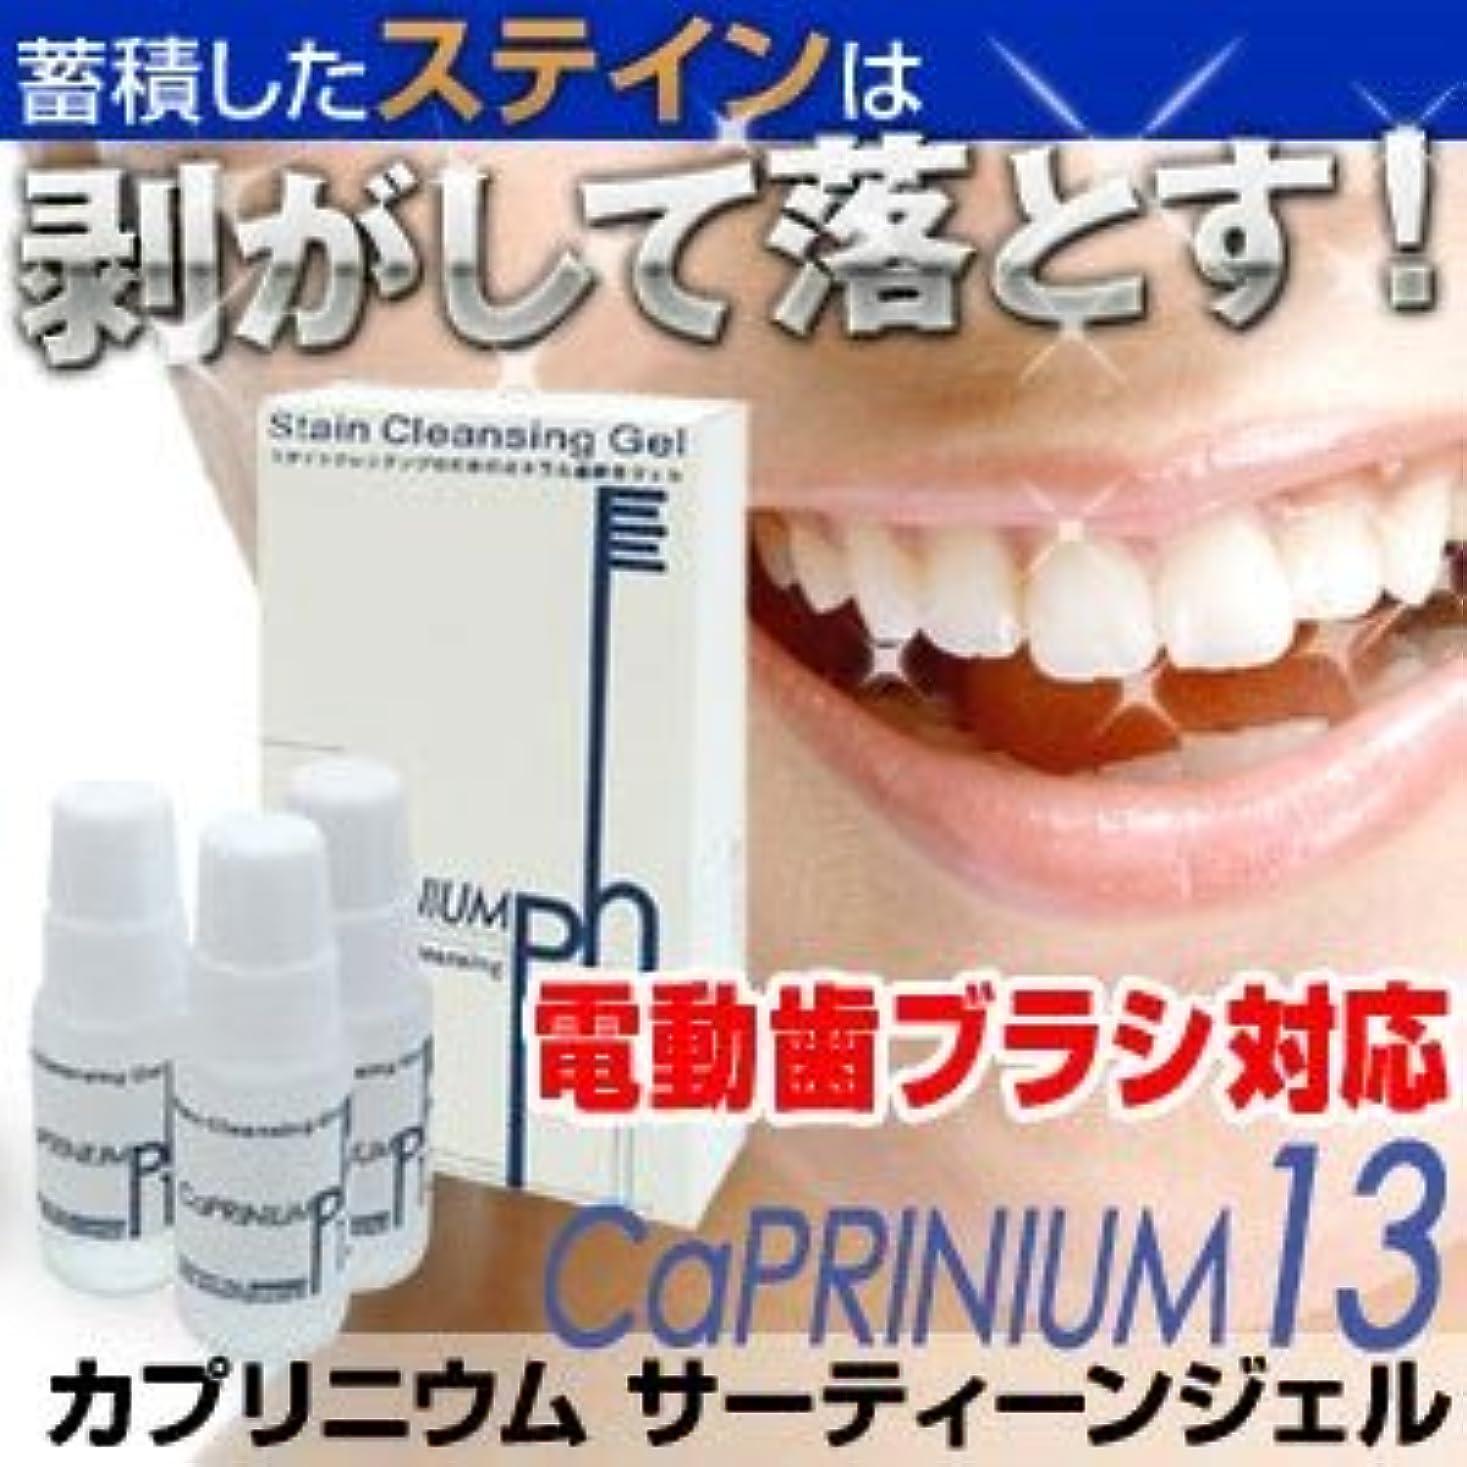 ベルしつけ感心するカプリニウム サーティーンジェル(CaPRINIUM 13) 新発想のホワイトニング歯磨きジェル